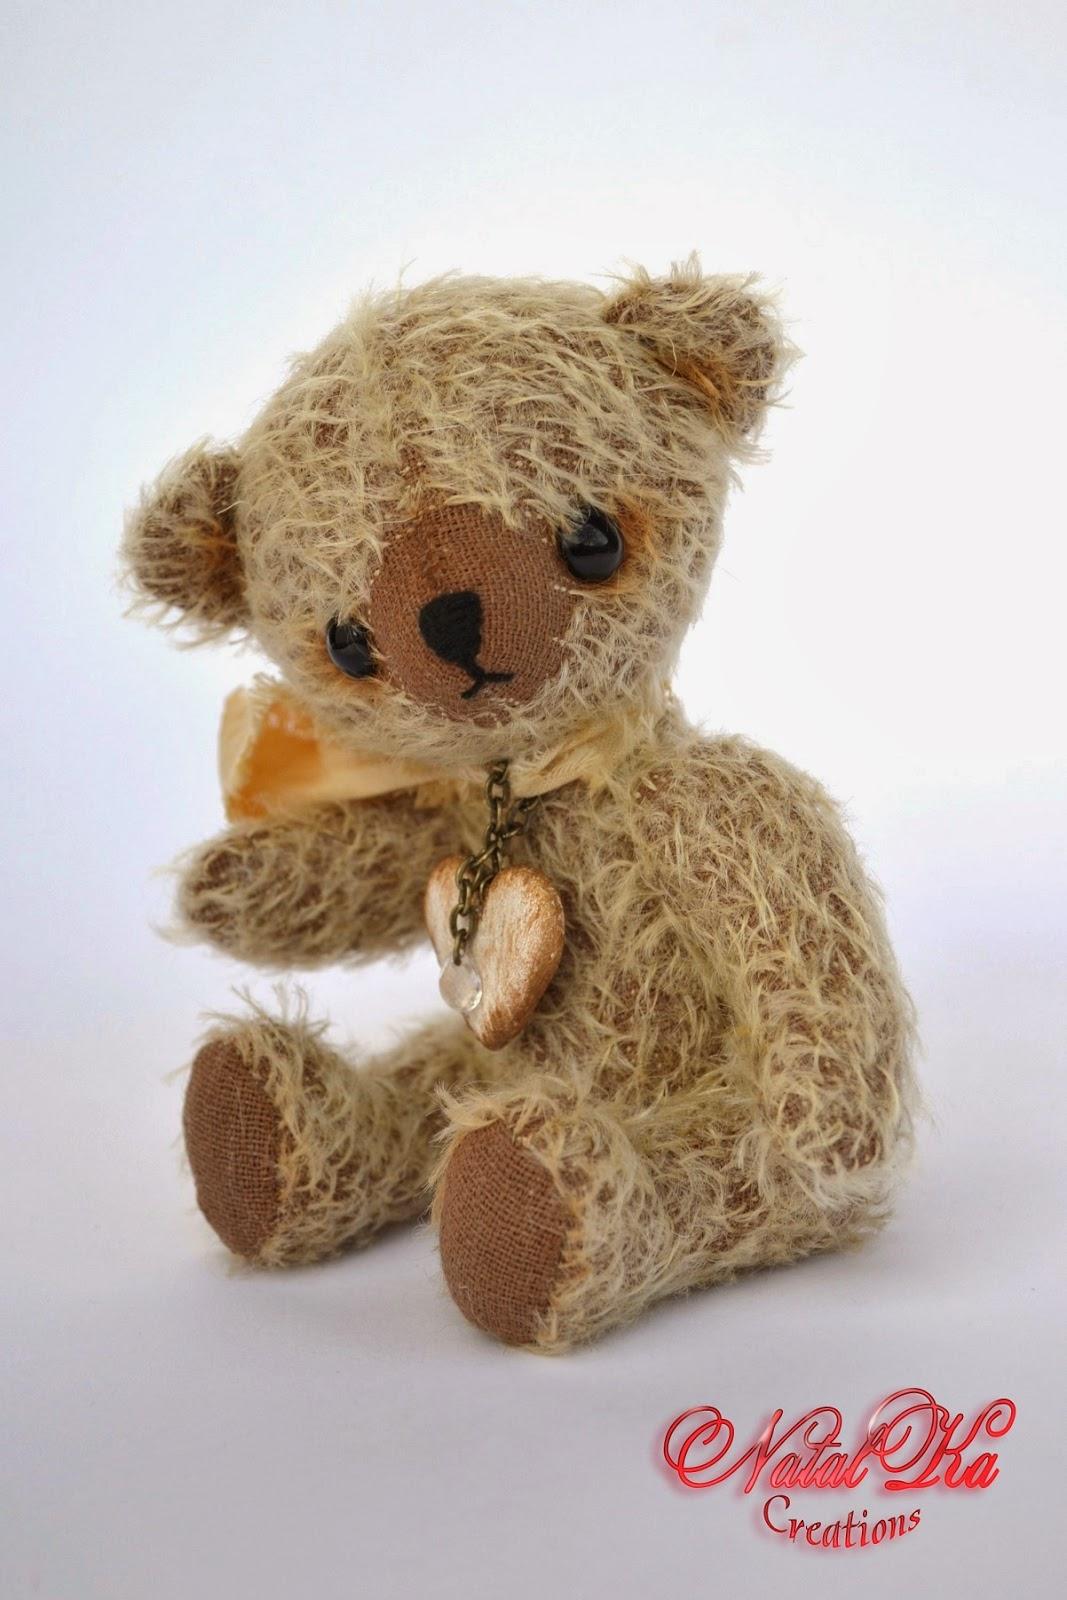 Künstler Teddybär handgemacht von NatalKa Creations.